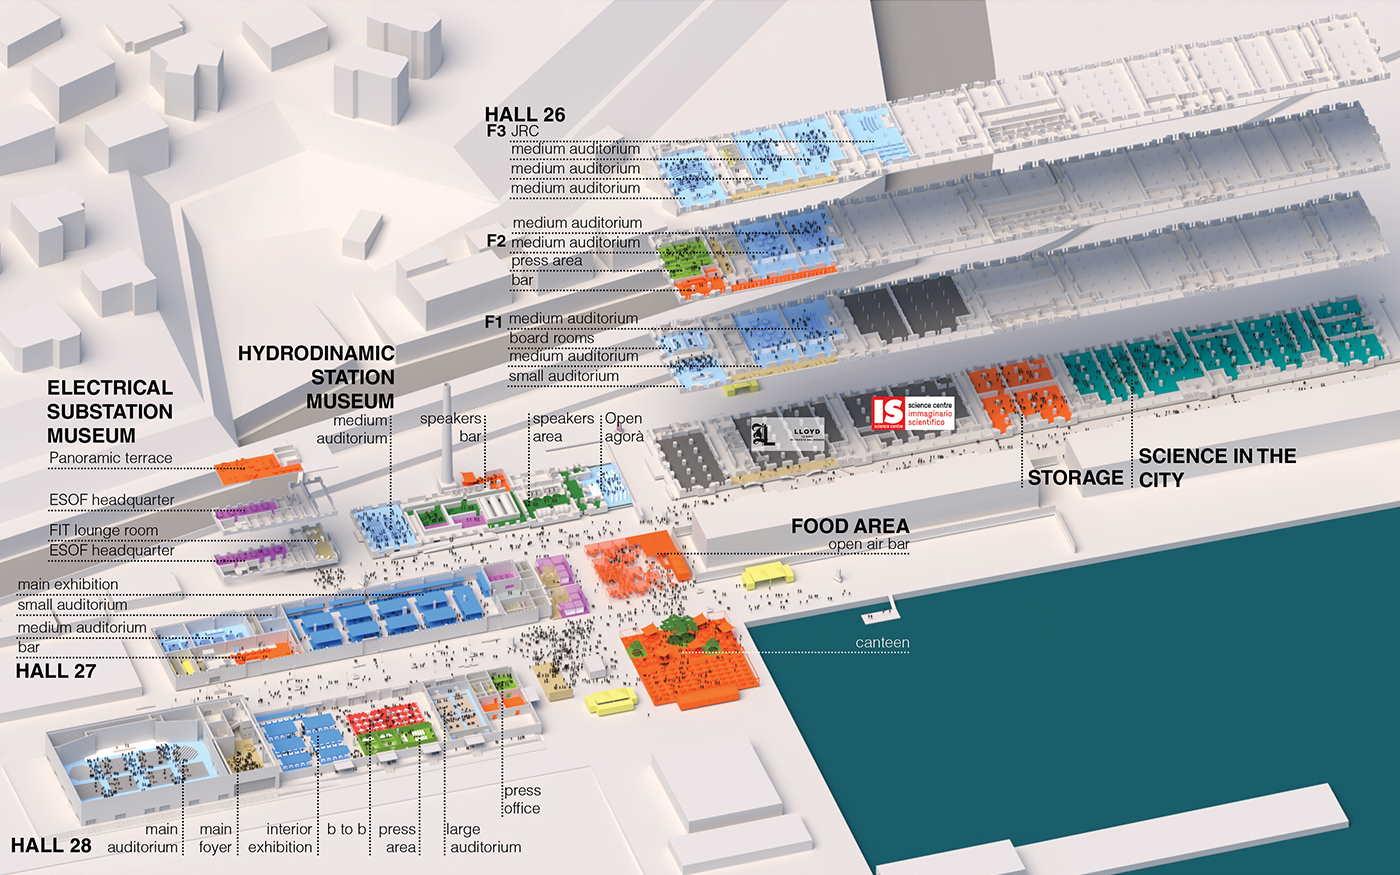 L'EuroScience Open Forum di Trieste riparte: presentati il nuovo formato e il programma aggiornato